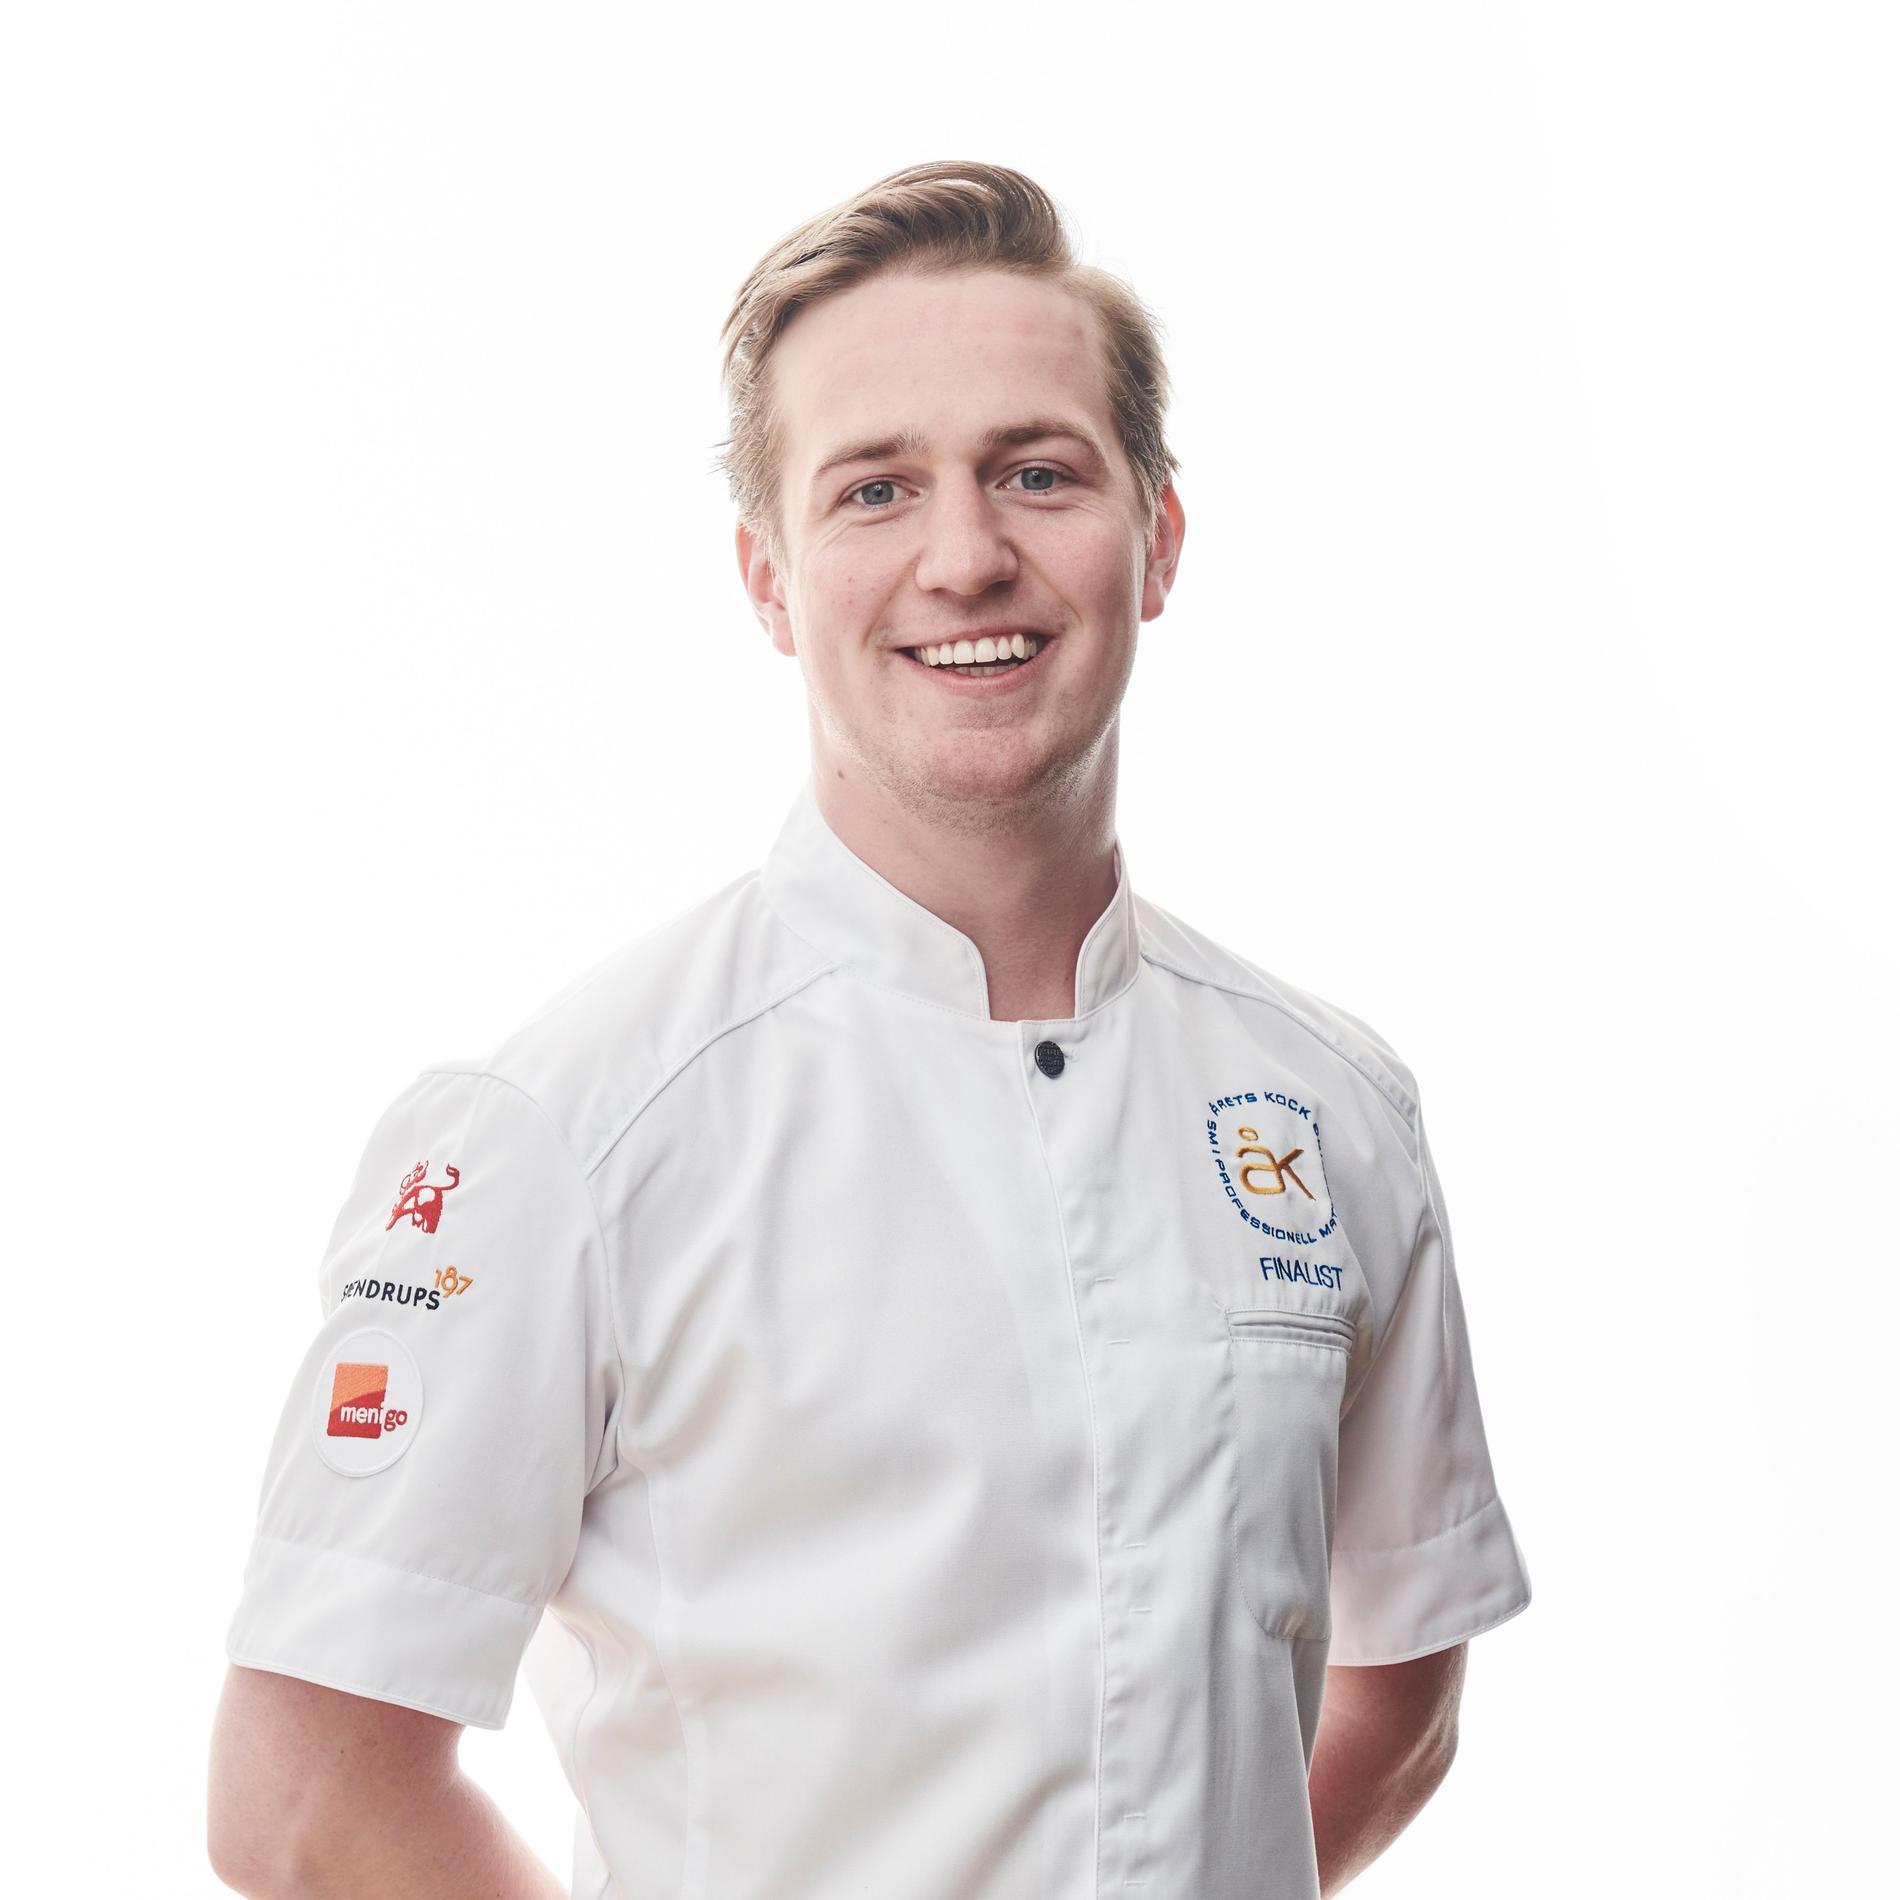 Gustav Leonhardt tävlar för trettonde gången, men första gången i Årets kock.